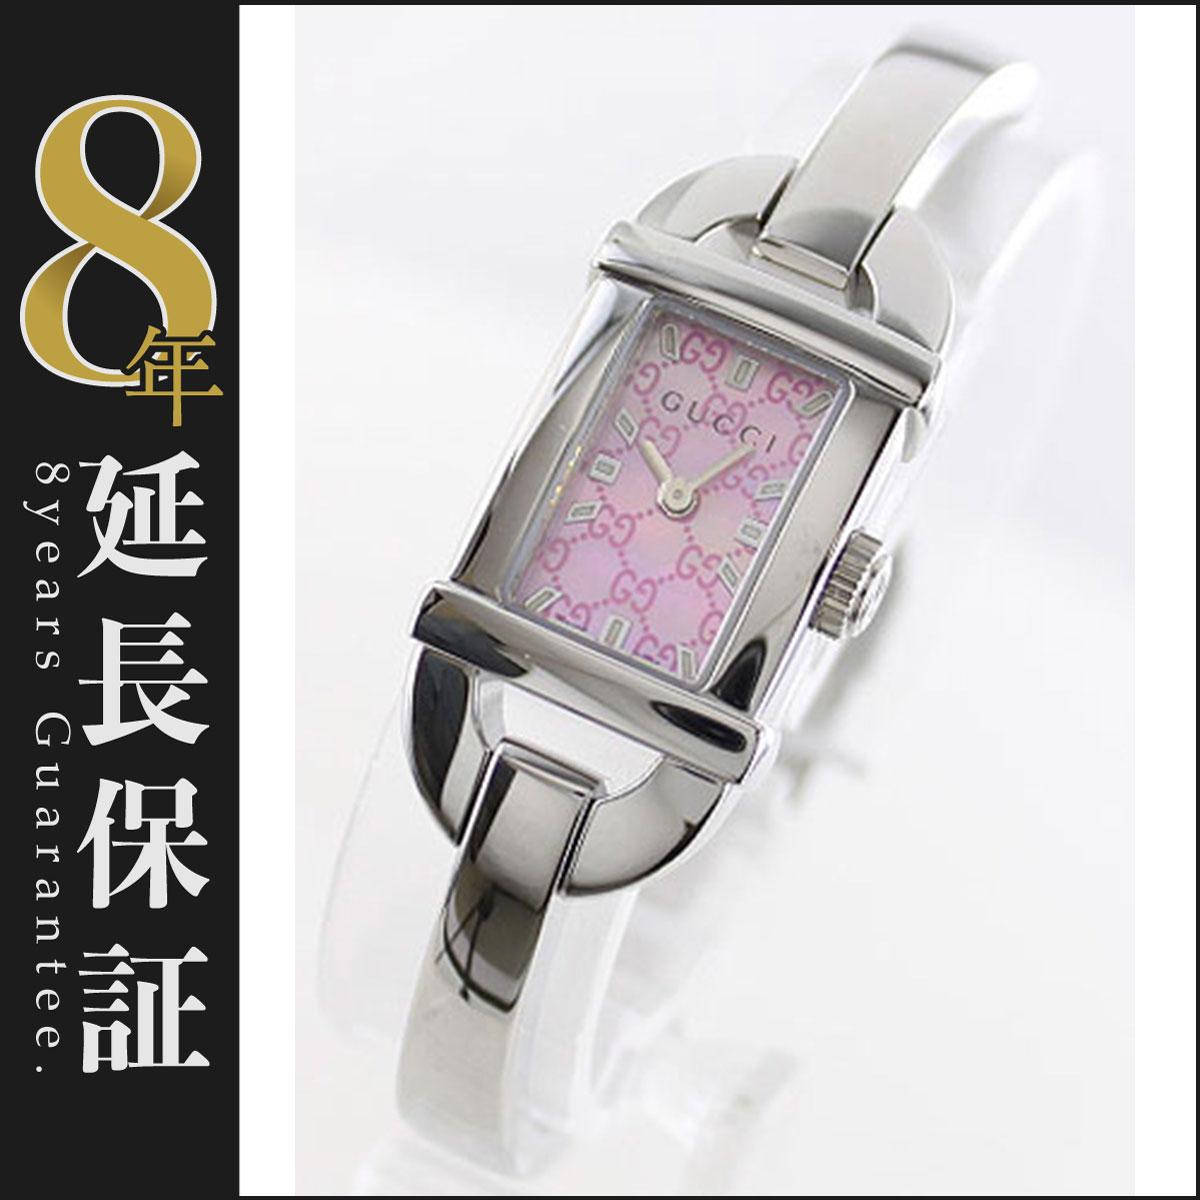 【エントリーでポイント3倍】グッチ GUCCI 腕時計 バンブー レディース YA068586_8